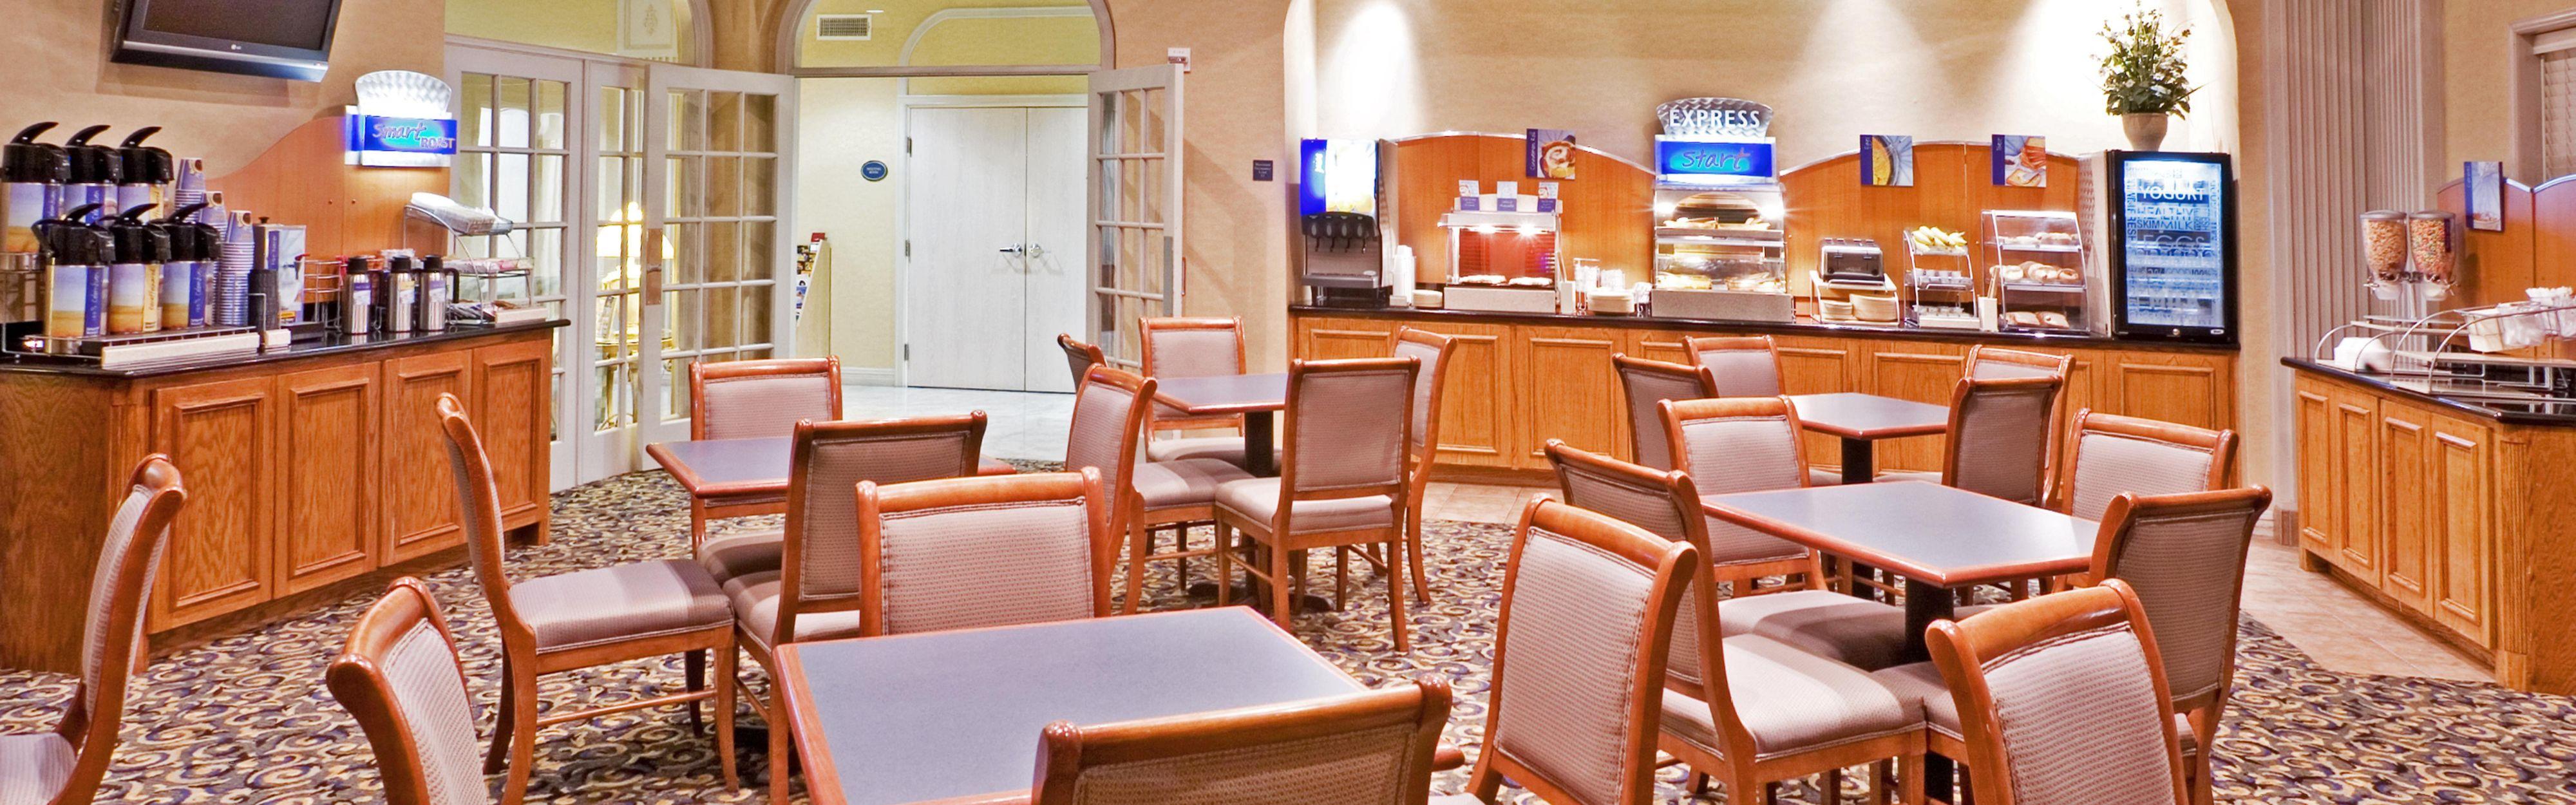 Hotels Near North Stemmons Freeway Dallas Tx